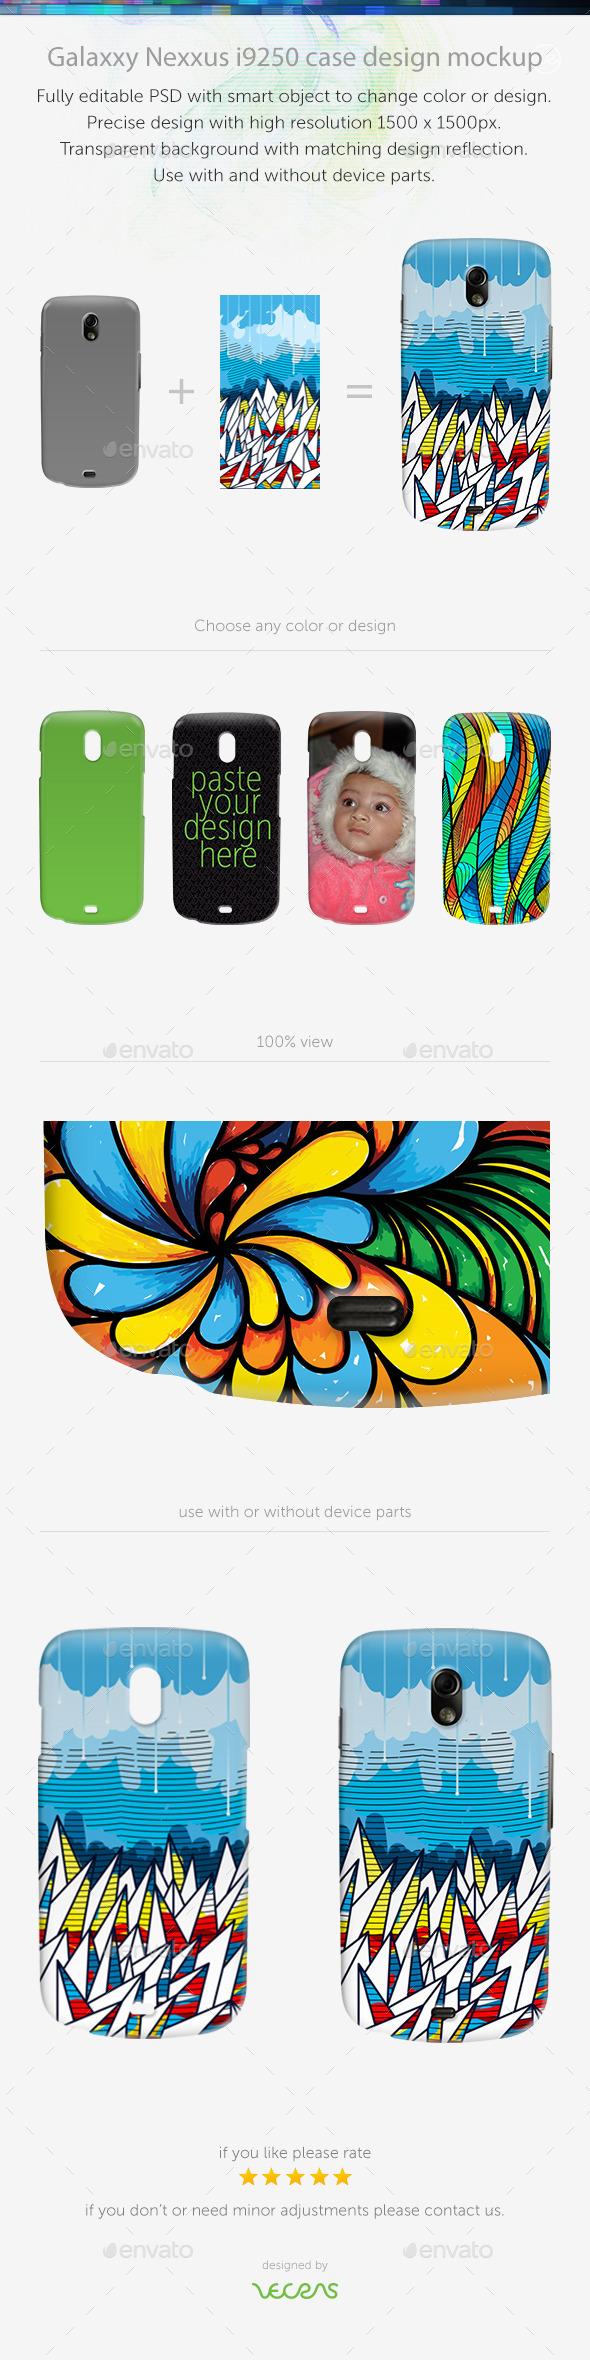 Galaxxy Nexxus Case Design Mockup - Mobile Displays